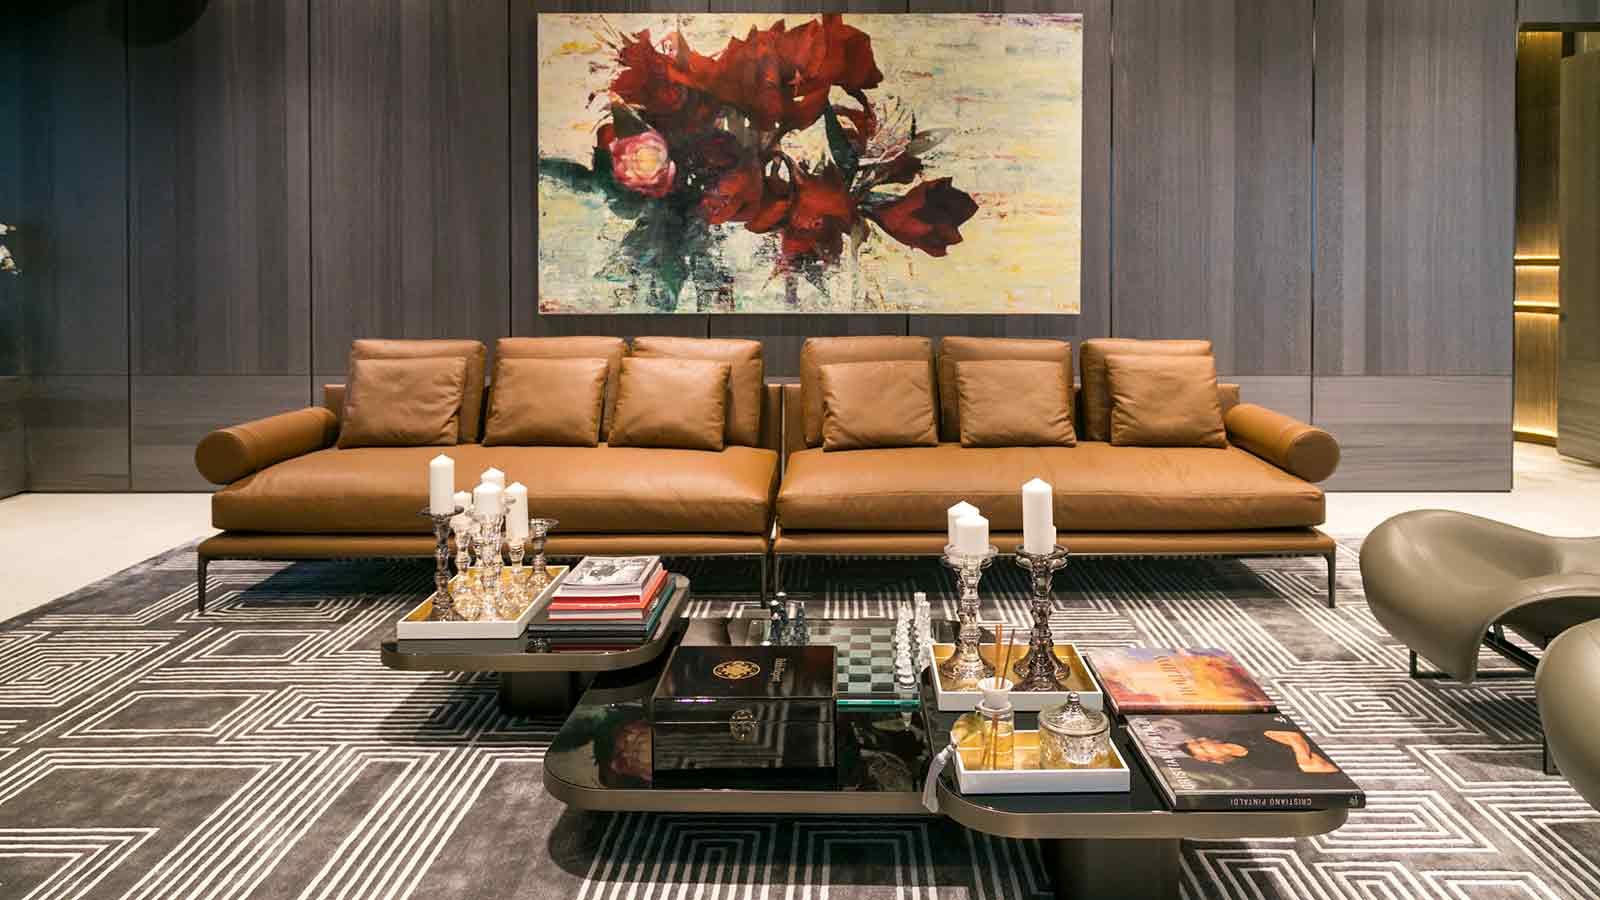 Căn hộ thương gia Aria Nha Trang Hotel & Resort Sự lên ngôi của mô hình đa năng